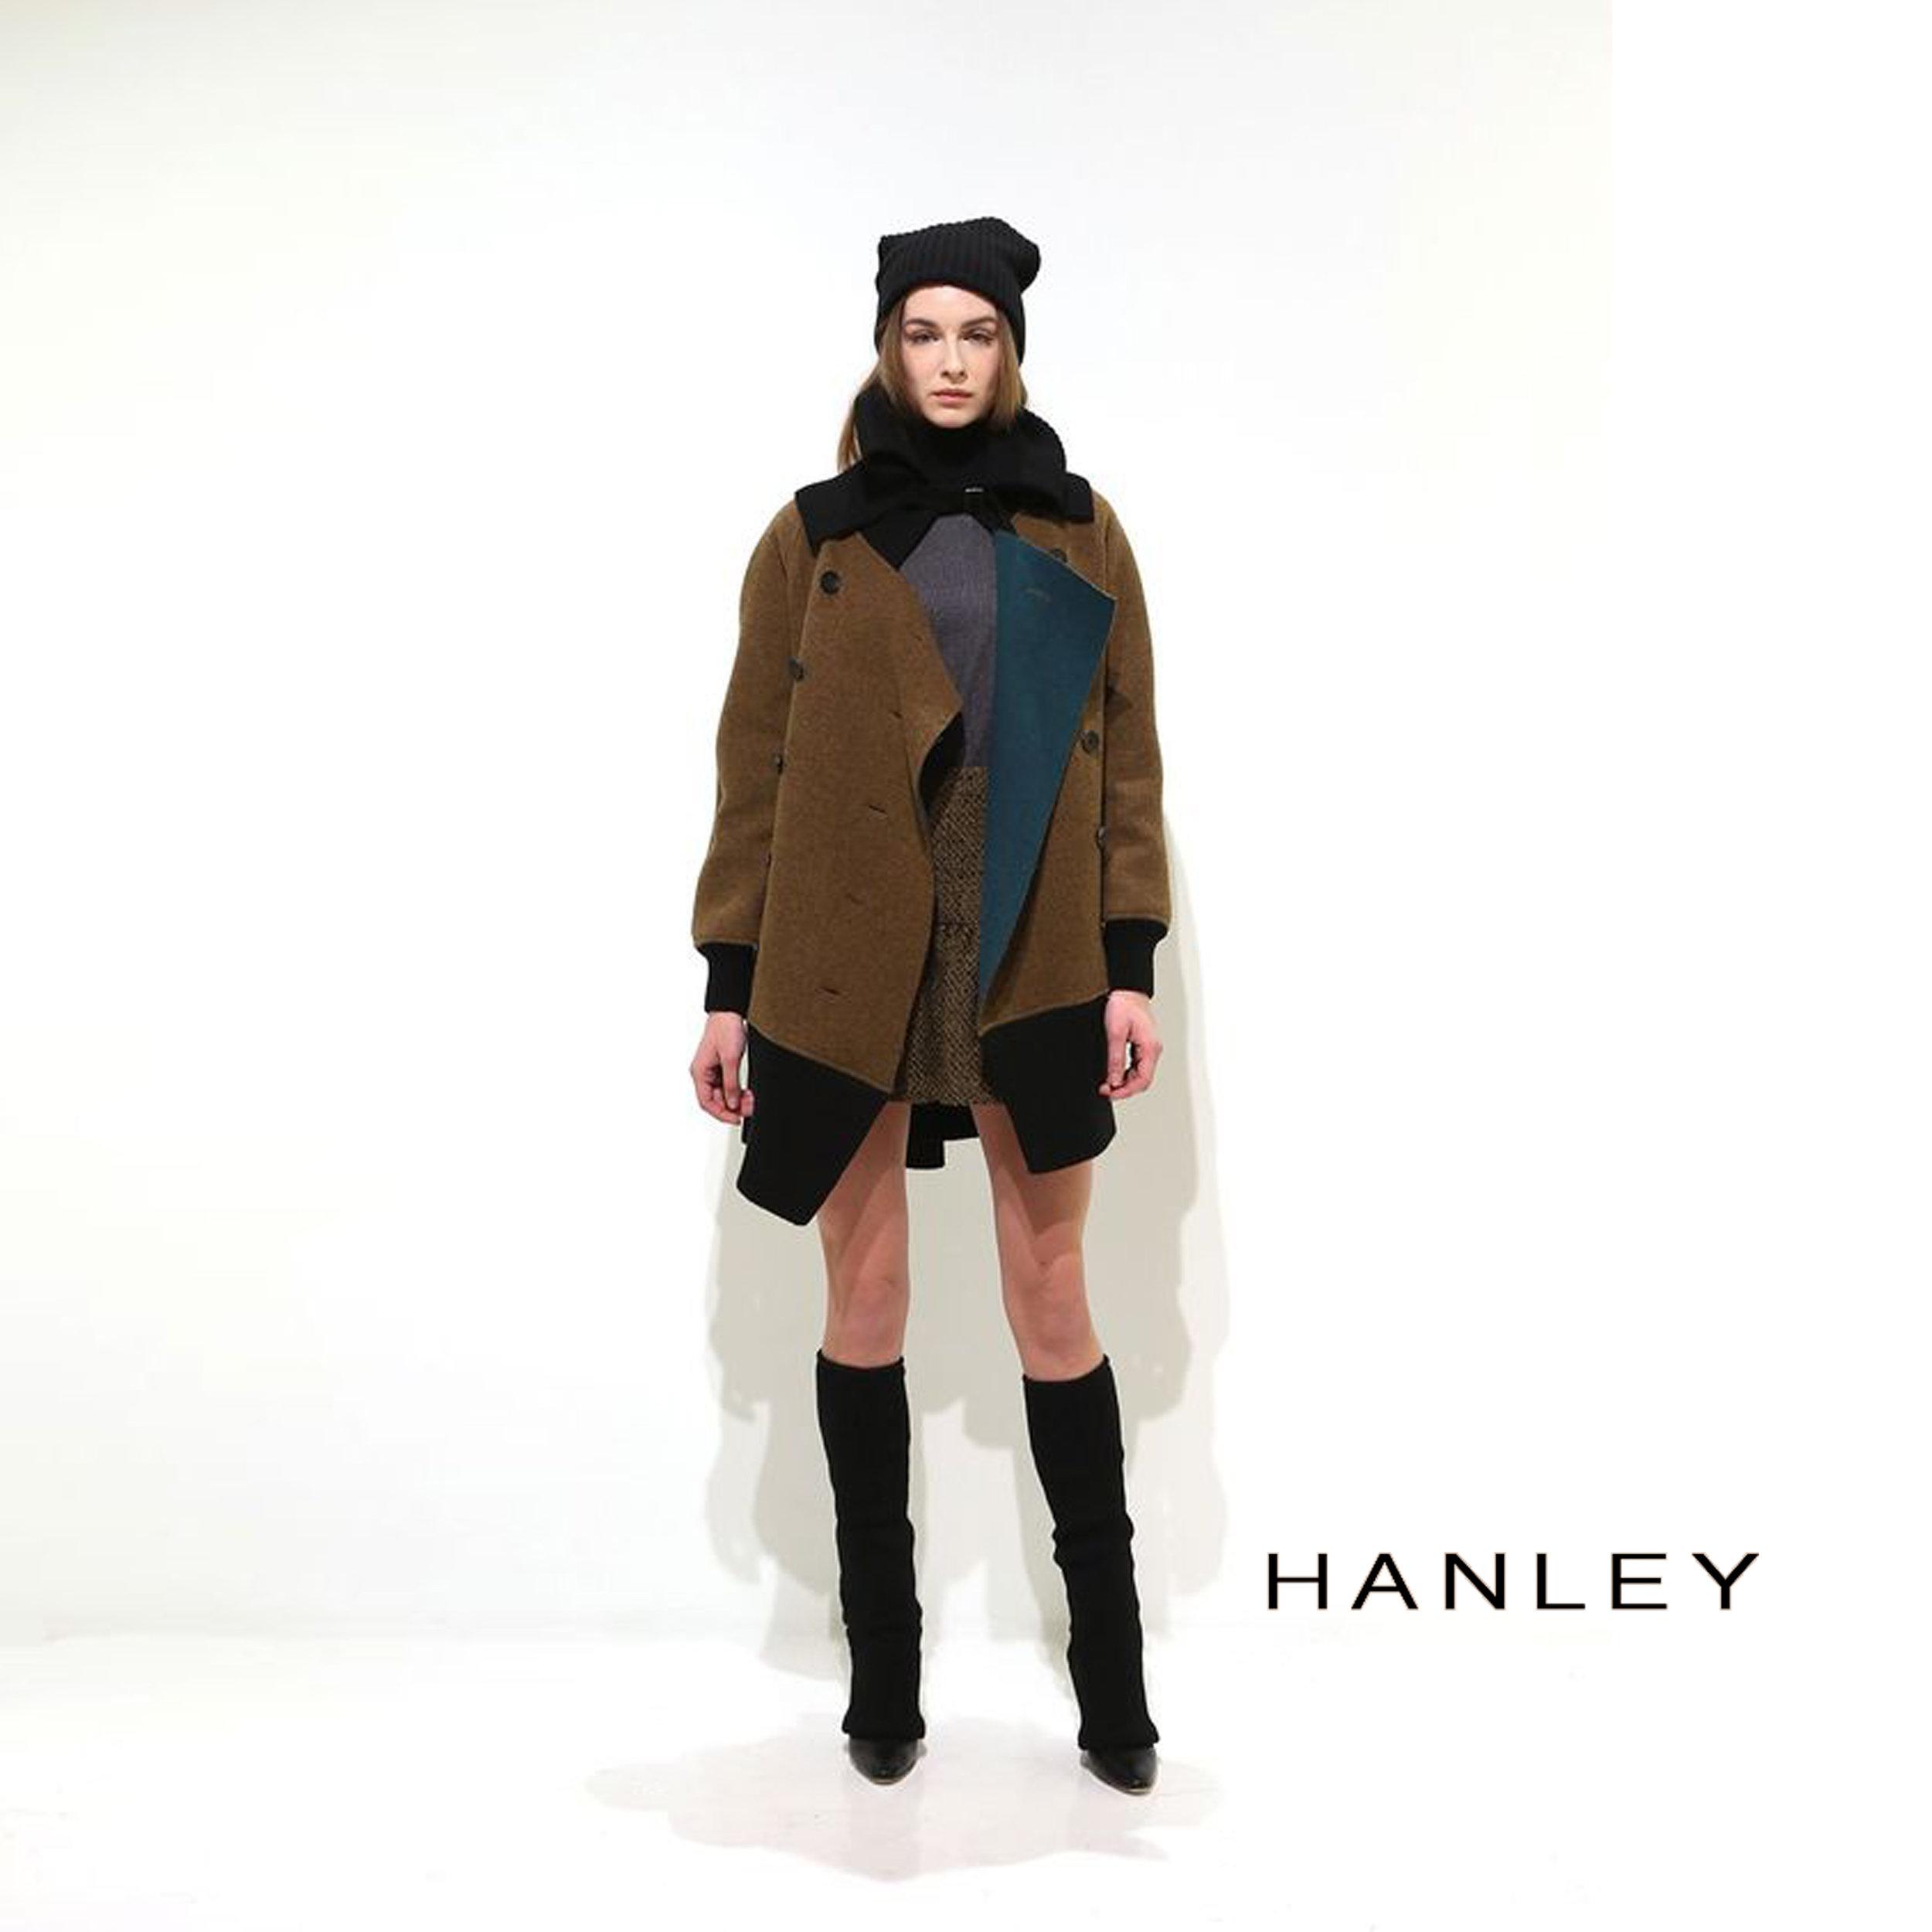 HANLEY16-UE-002.jpg